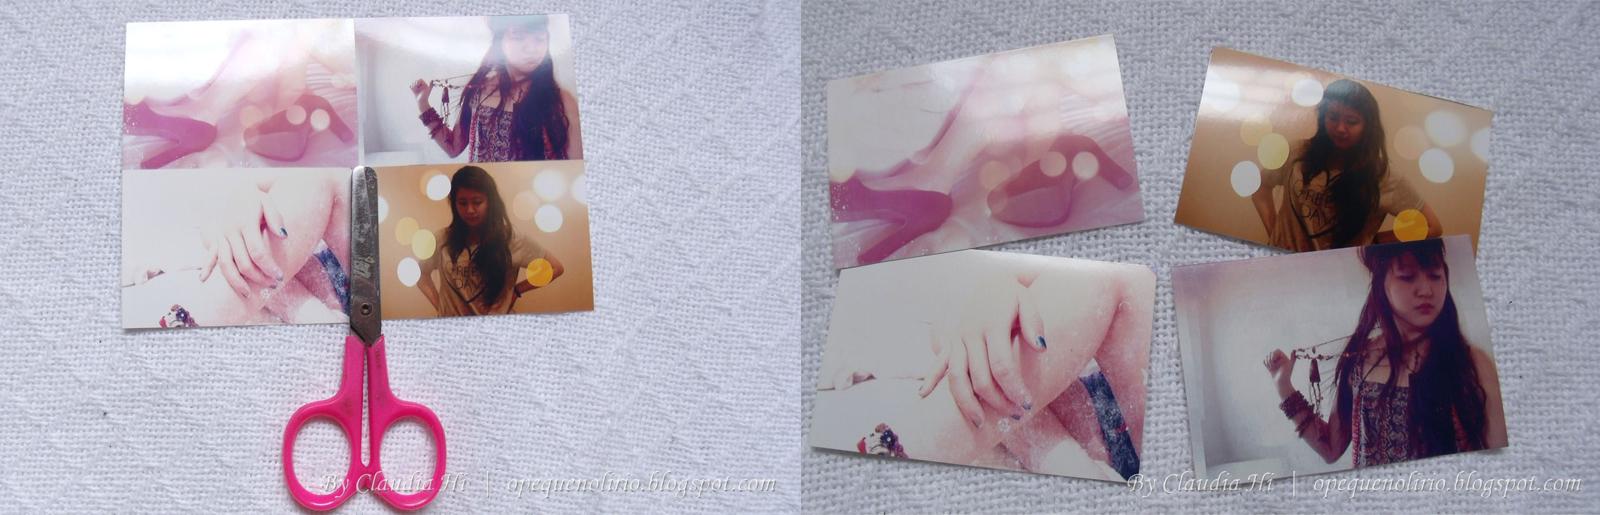 4 fotos, quatro, cortar, cortando, photo